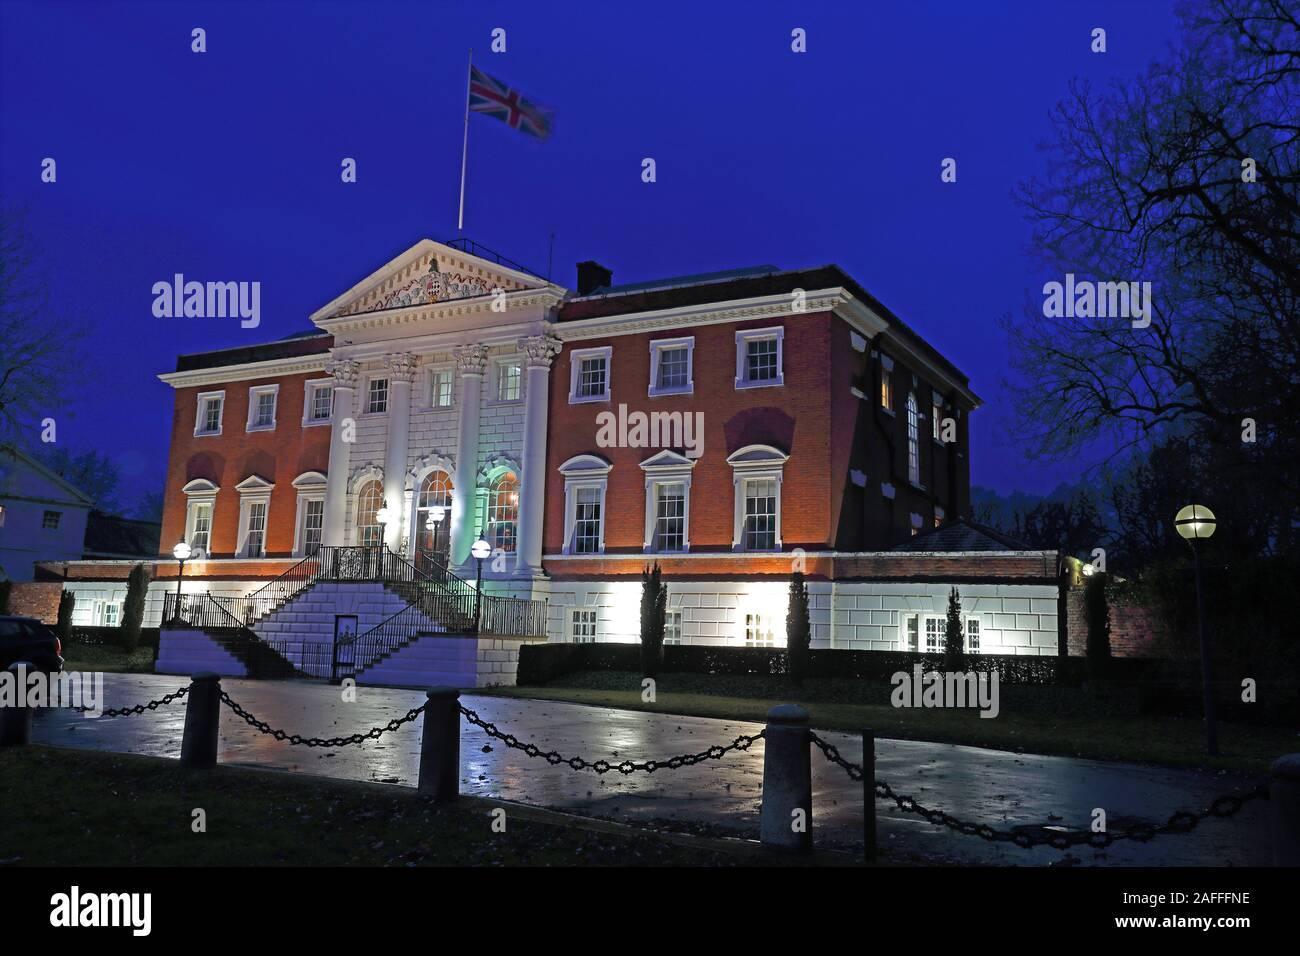 Dieses Stockfoto: Warrington Town Hall, WBC, Dämmerung, Sankey Street, Warrington, Cheshire, England, Großbritannien, WA1 - 2AFFFN